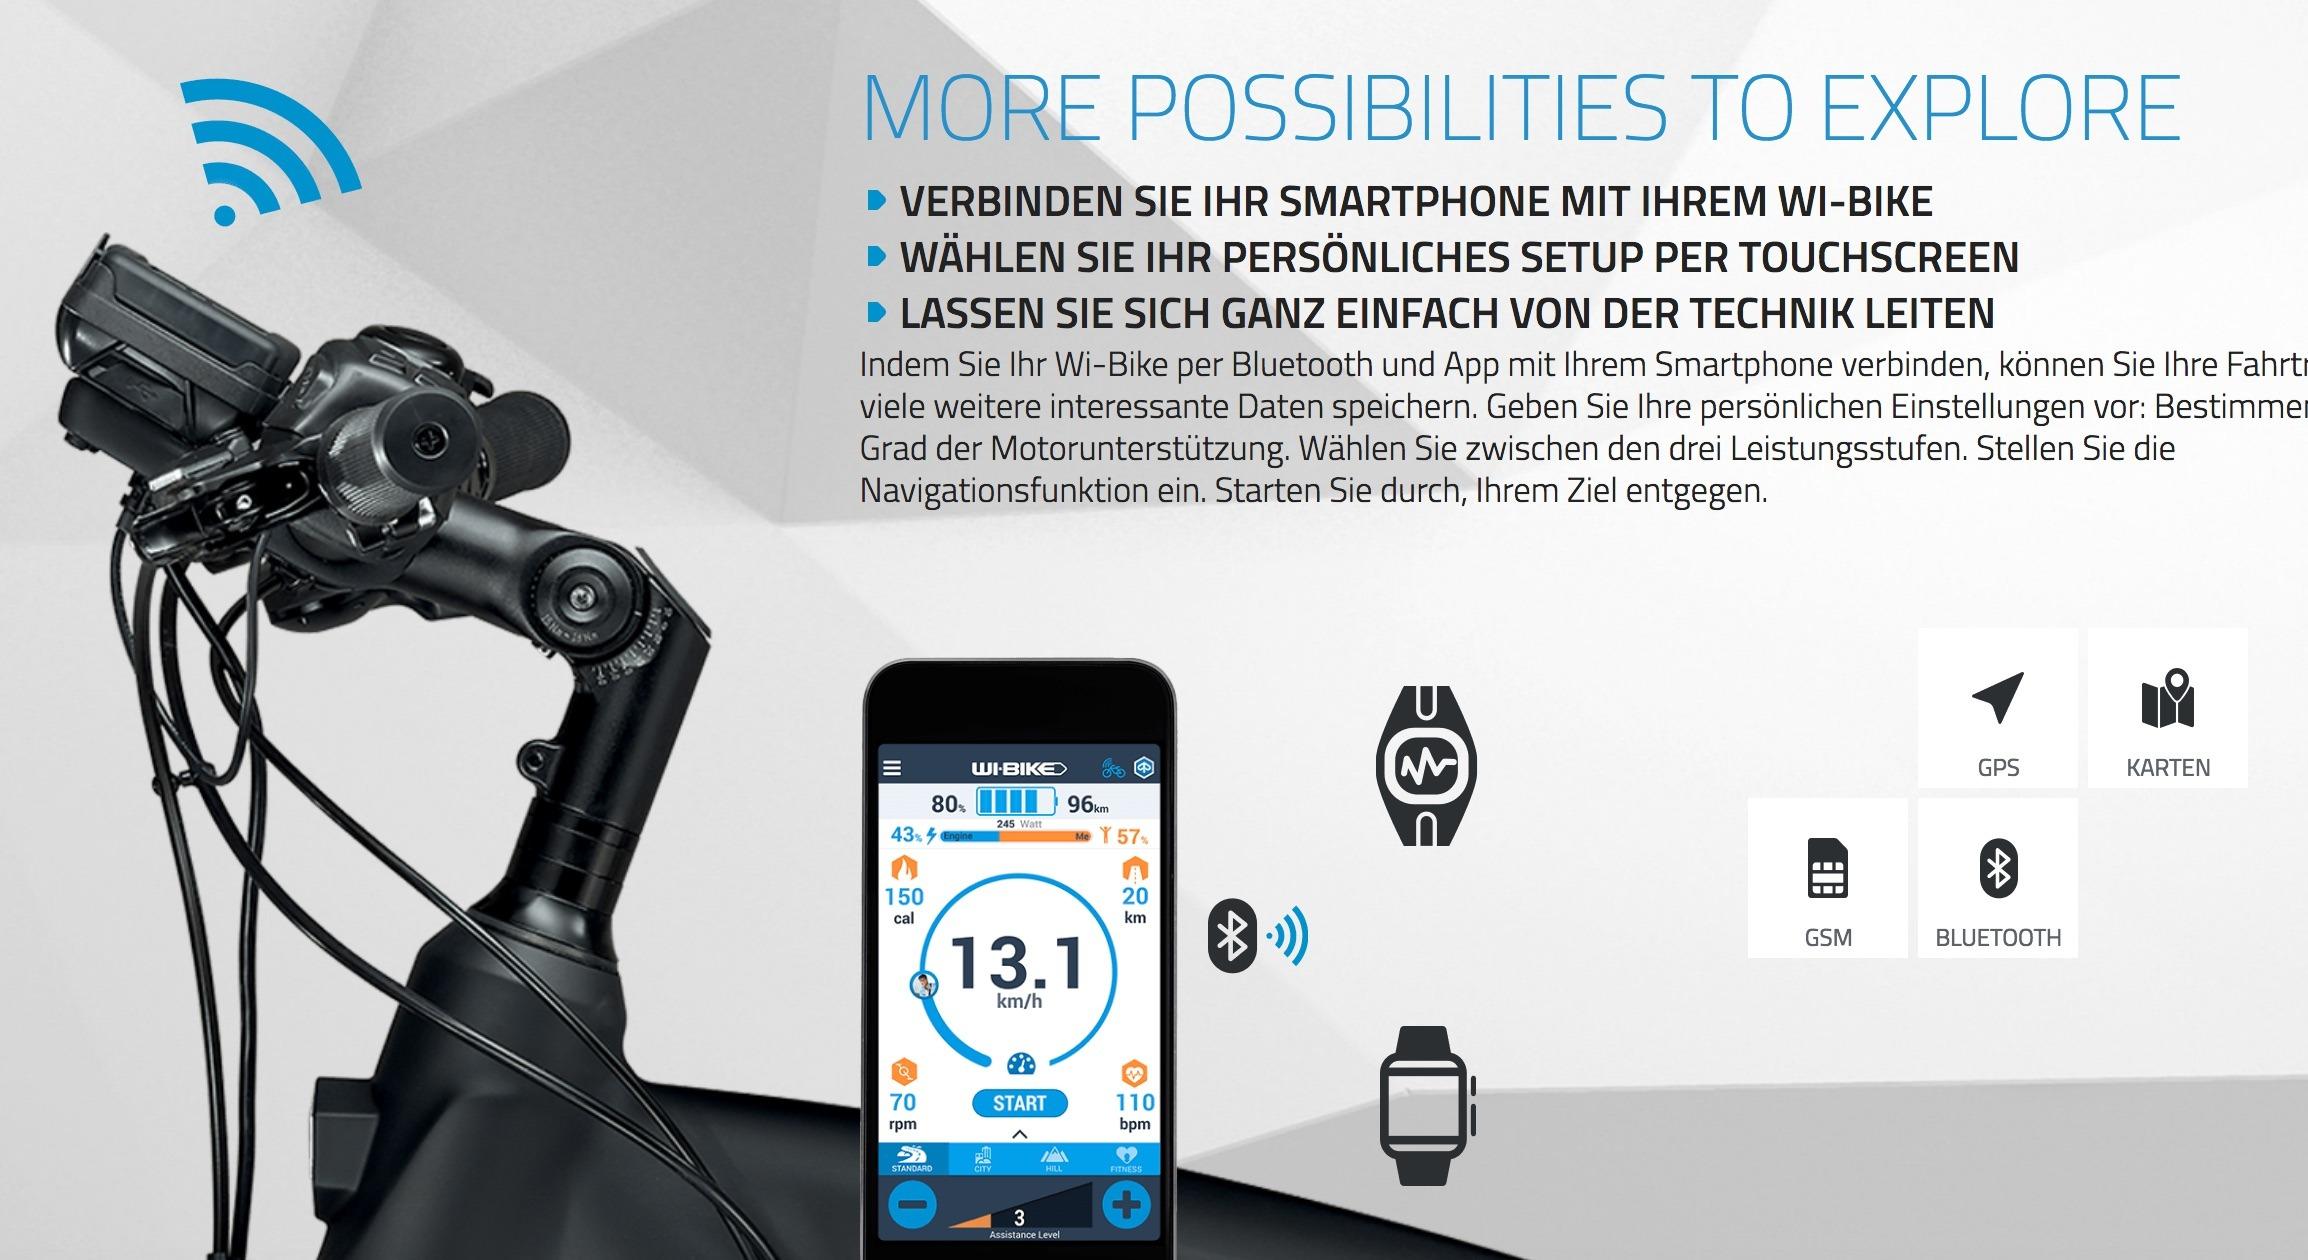 Piaggio-Wi-Bike-Smartphone